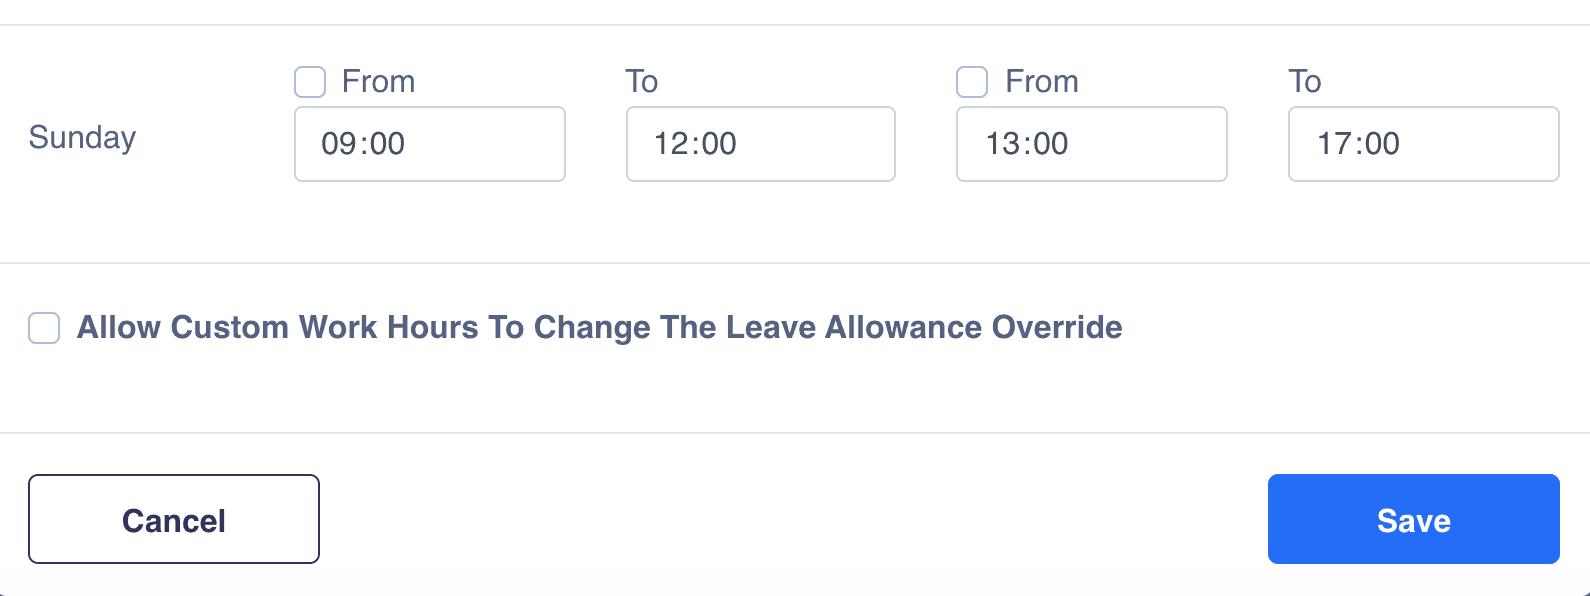 Work schedule adjust allowance